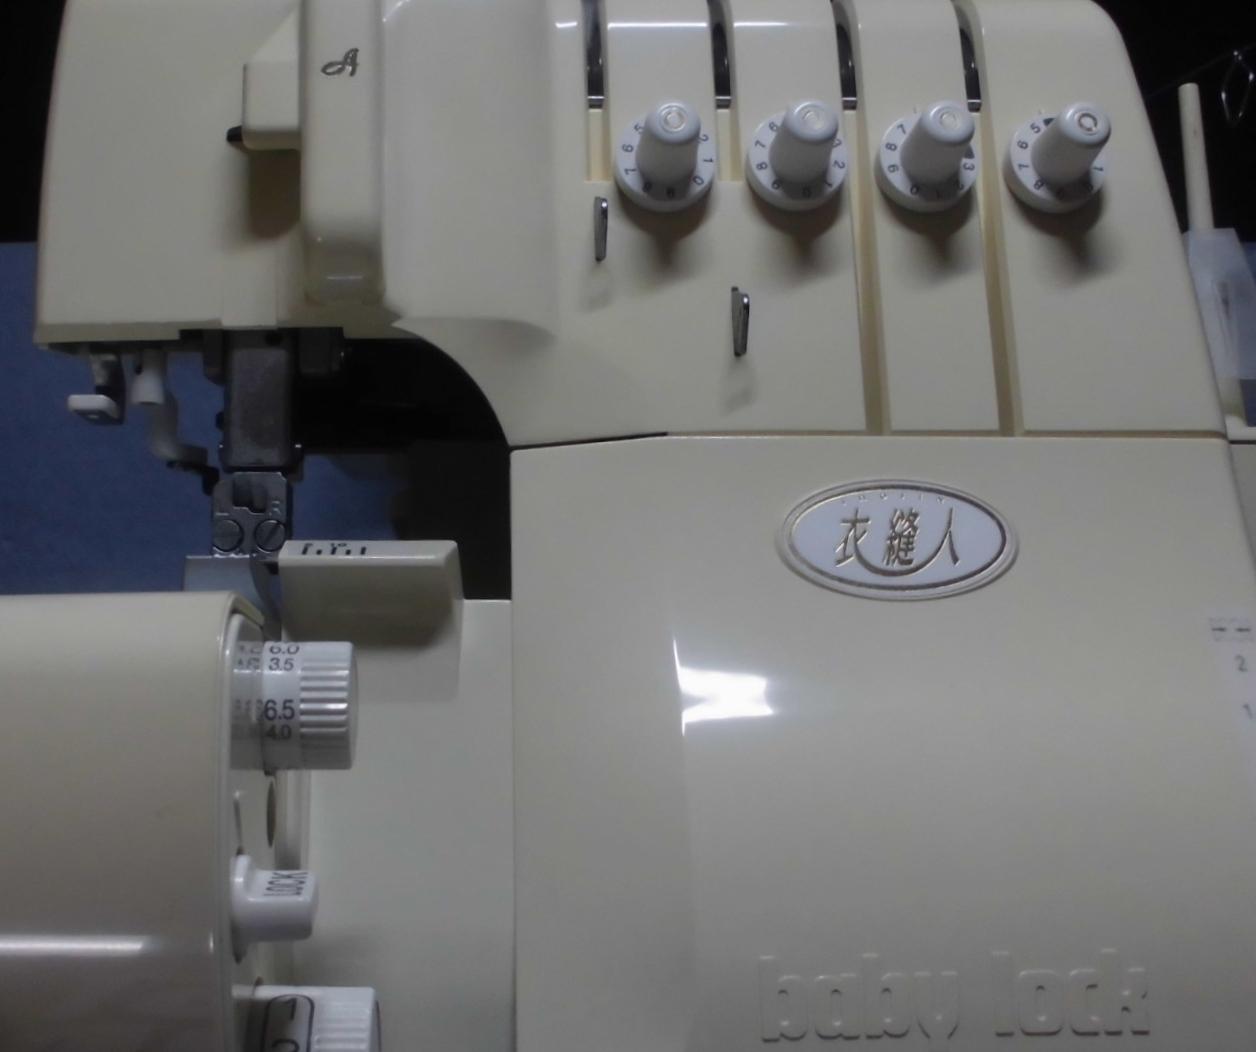 衣縫人・ロックミシンの修理 ジューキbabylock はずみ車が回らずミシンが動かない